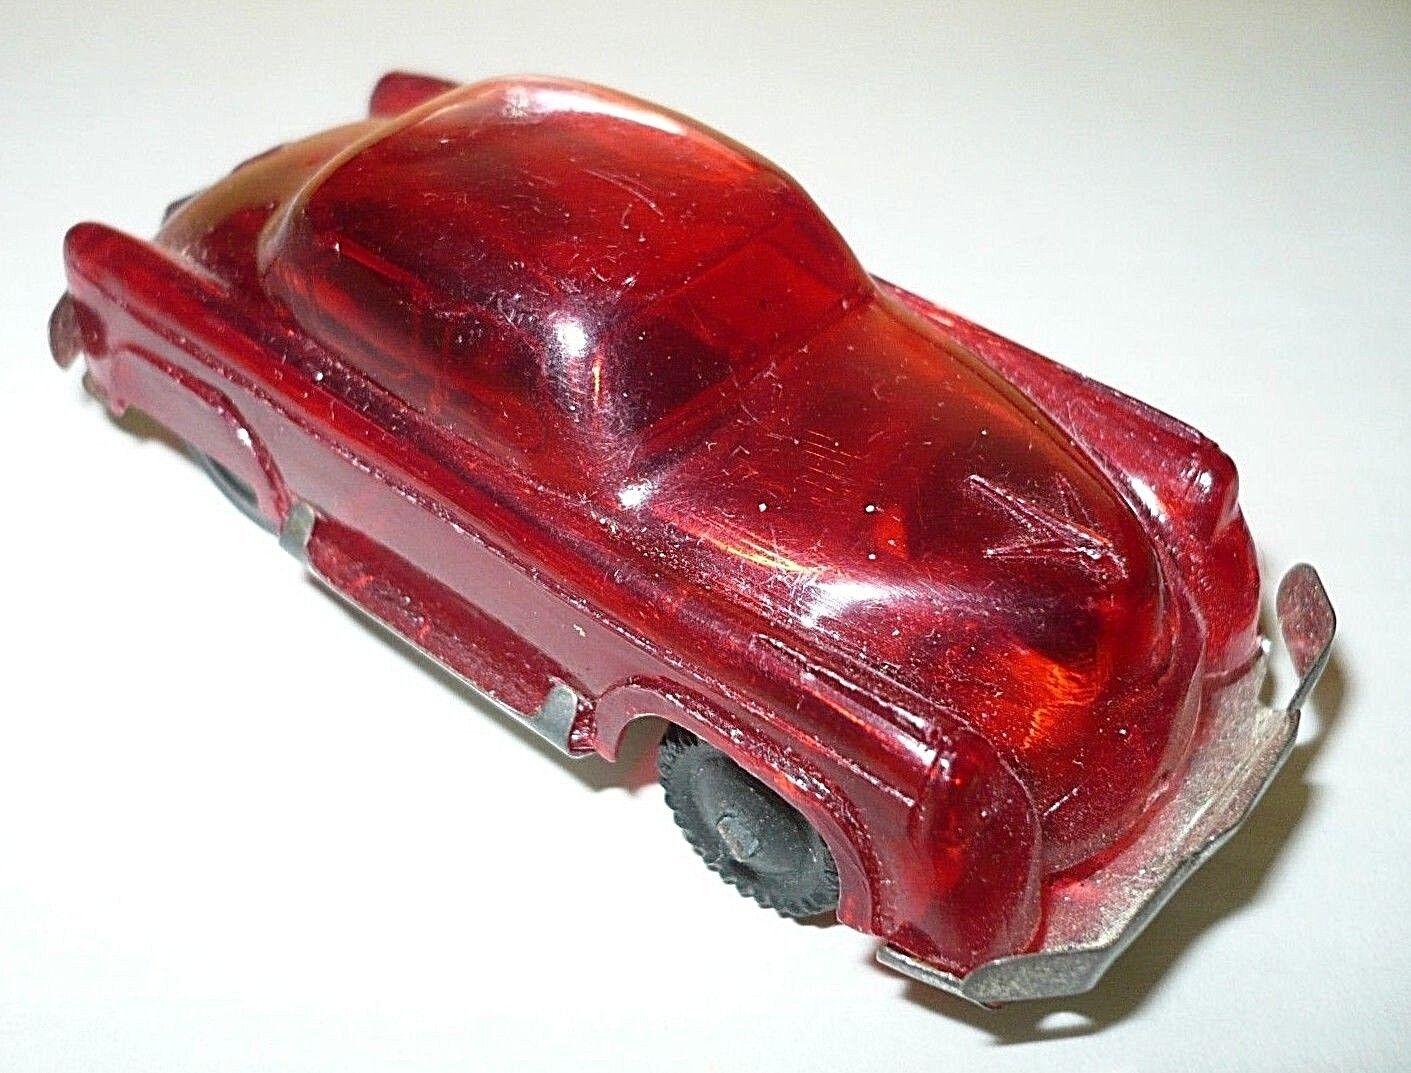 ahorra 50% -75% de descuento Vintage Japón Plástico Plástico Plástico Coche De Juguete Hojalata base nos Limusina Rojo Ver a través de Buick  Venta en línea precio bajo descuento